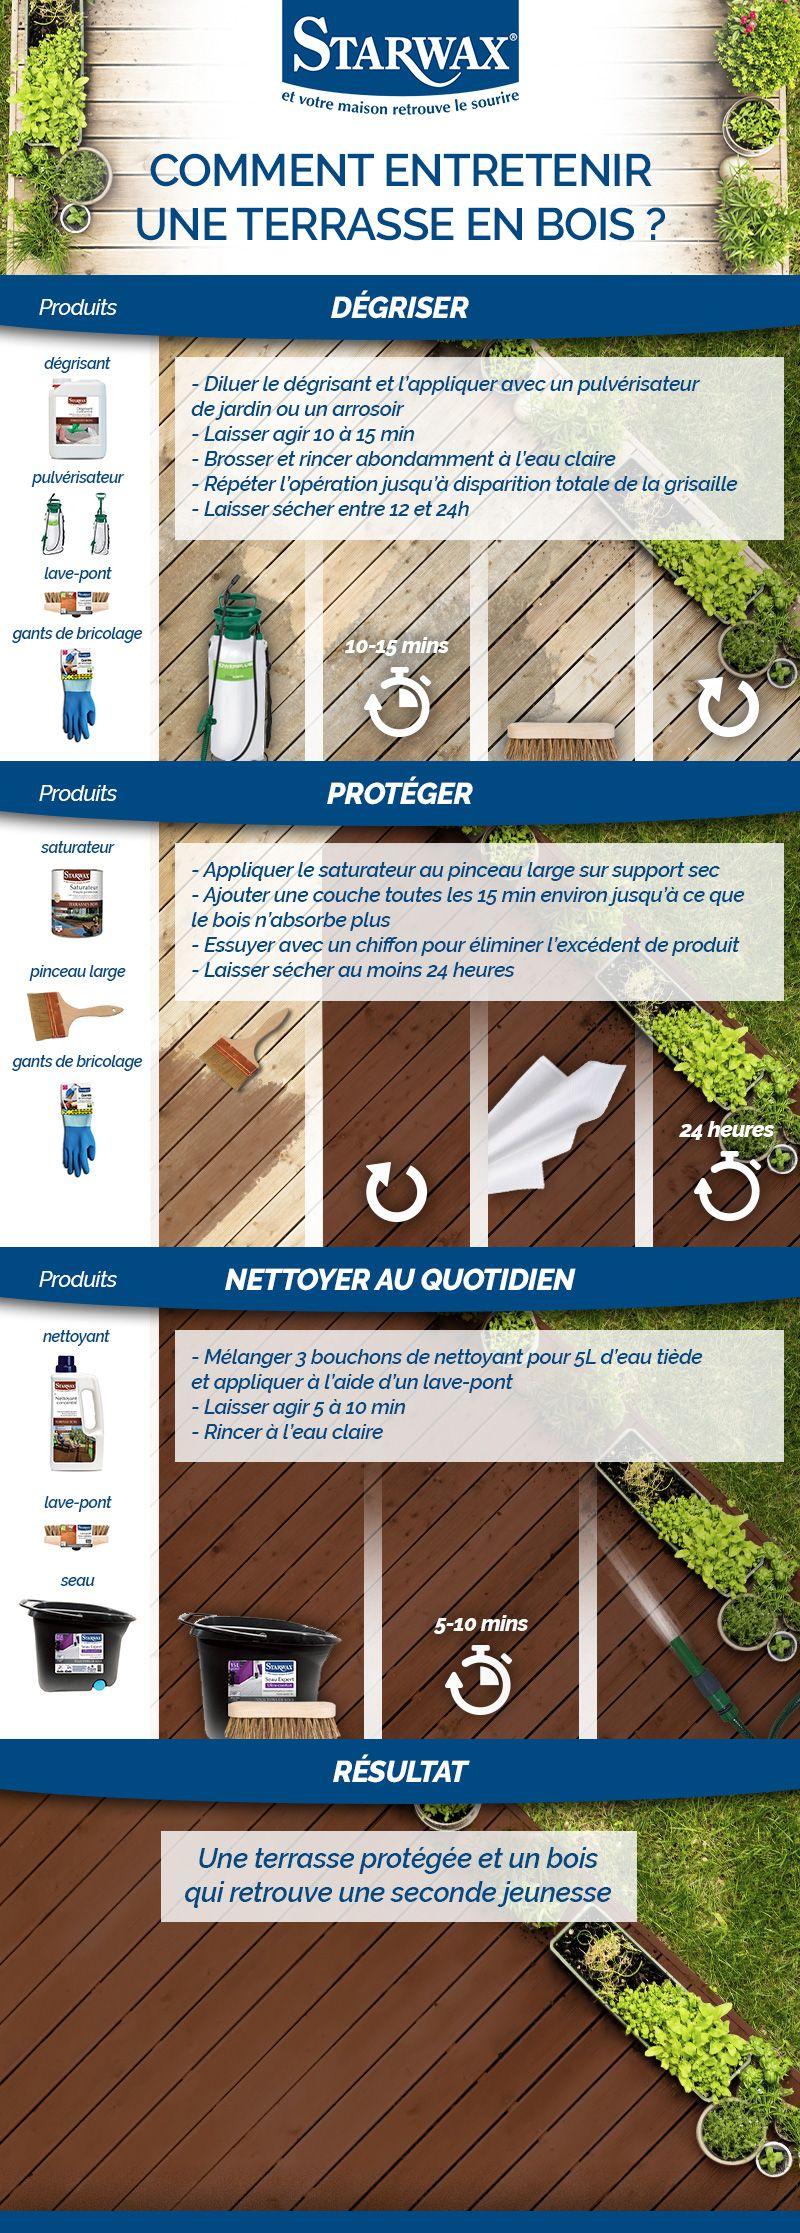 Infographie : Comment dégriser, protéger et entretenir au quotidien la terrasse en bois ?